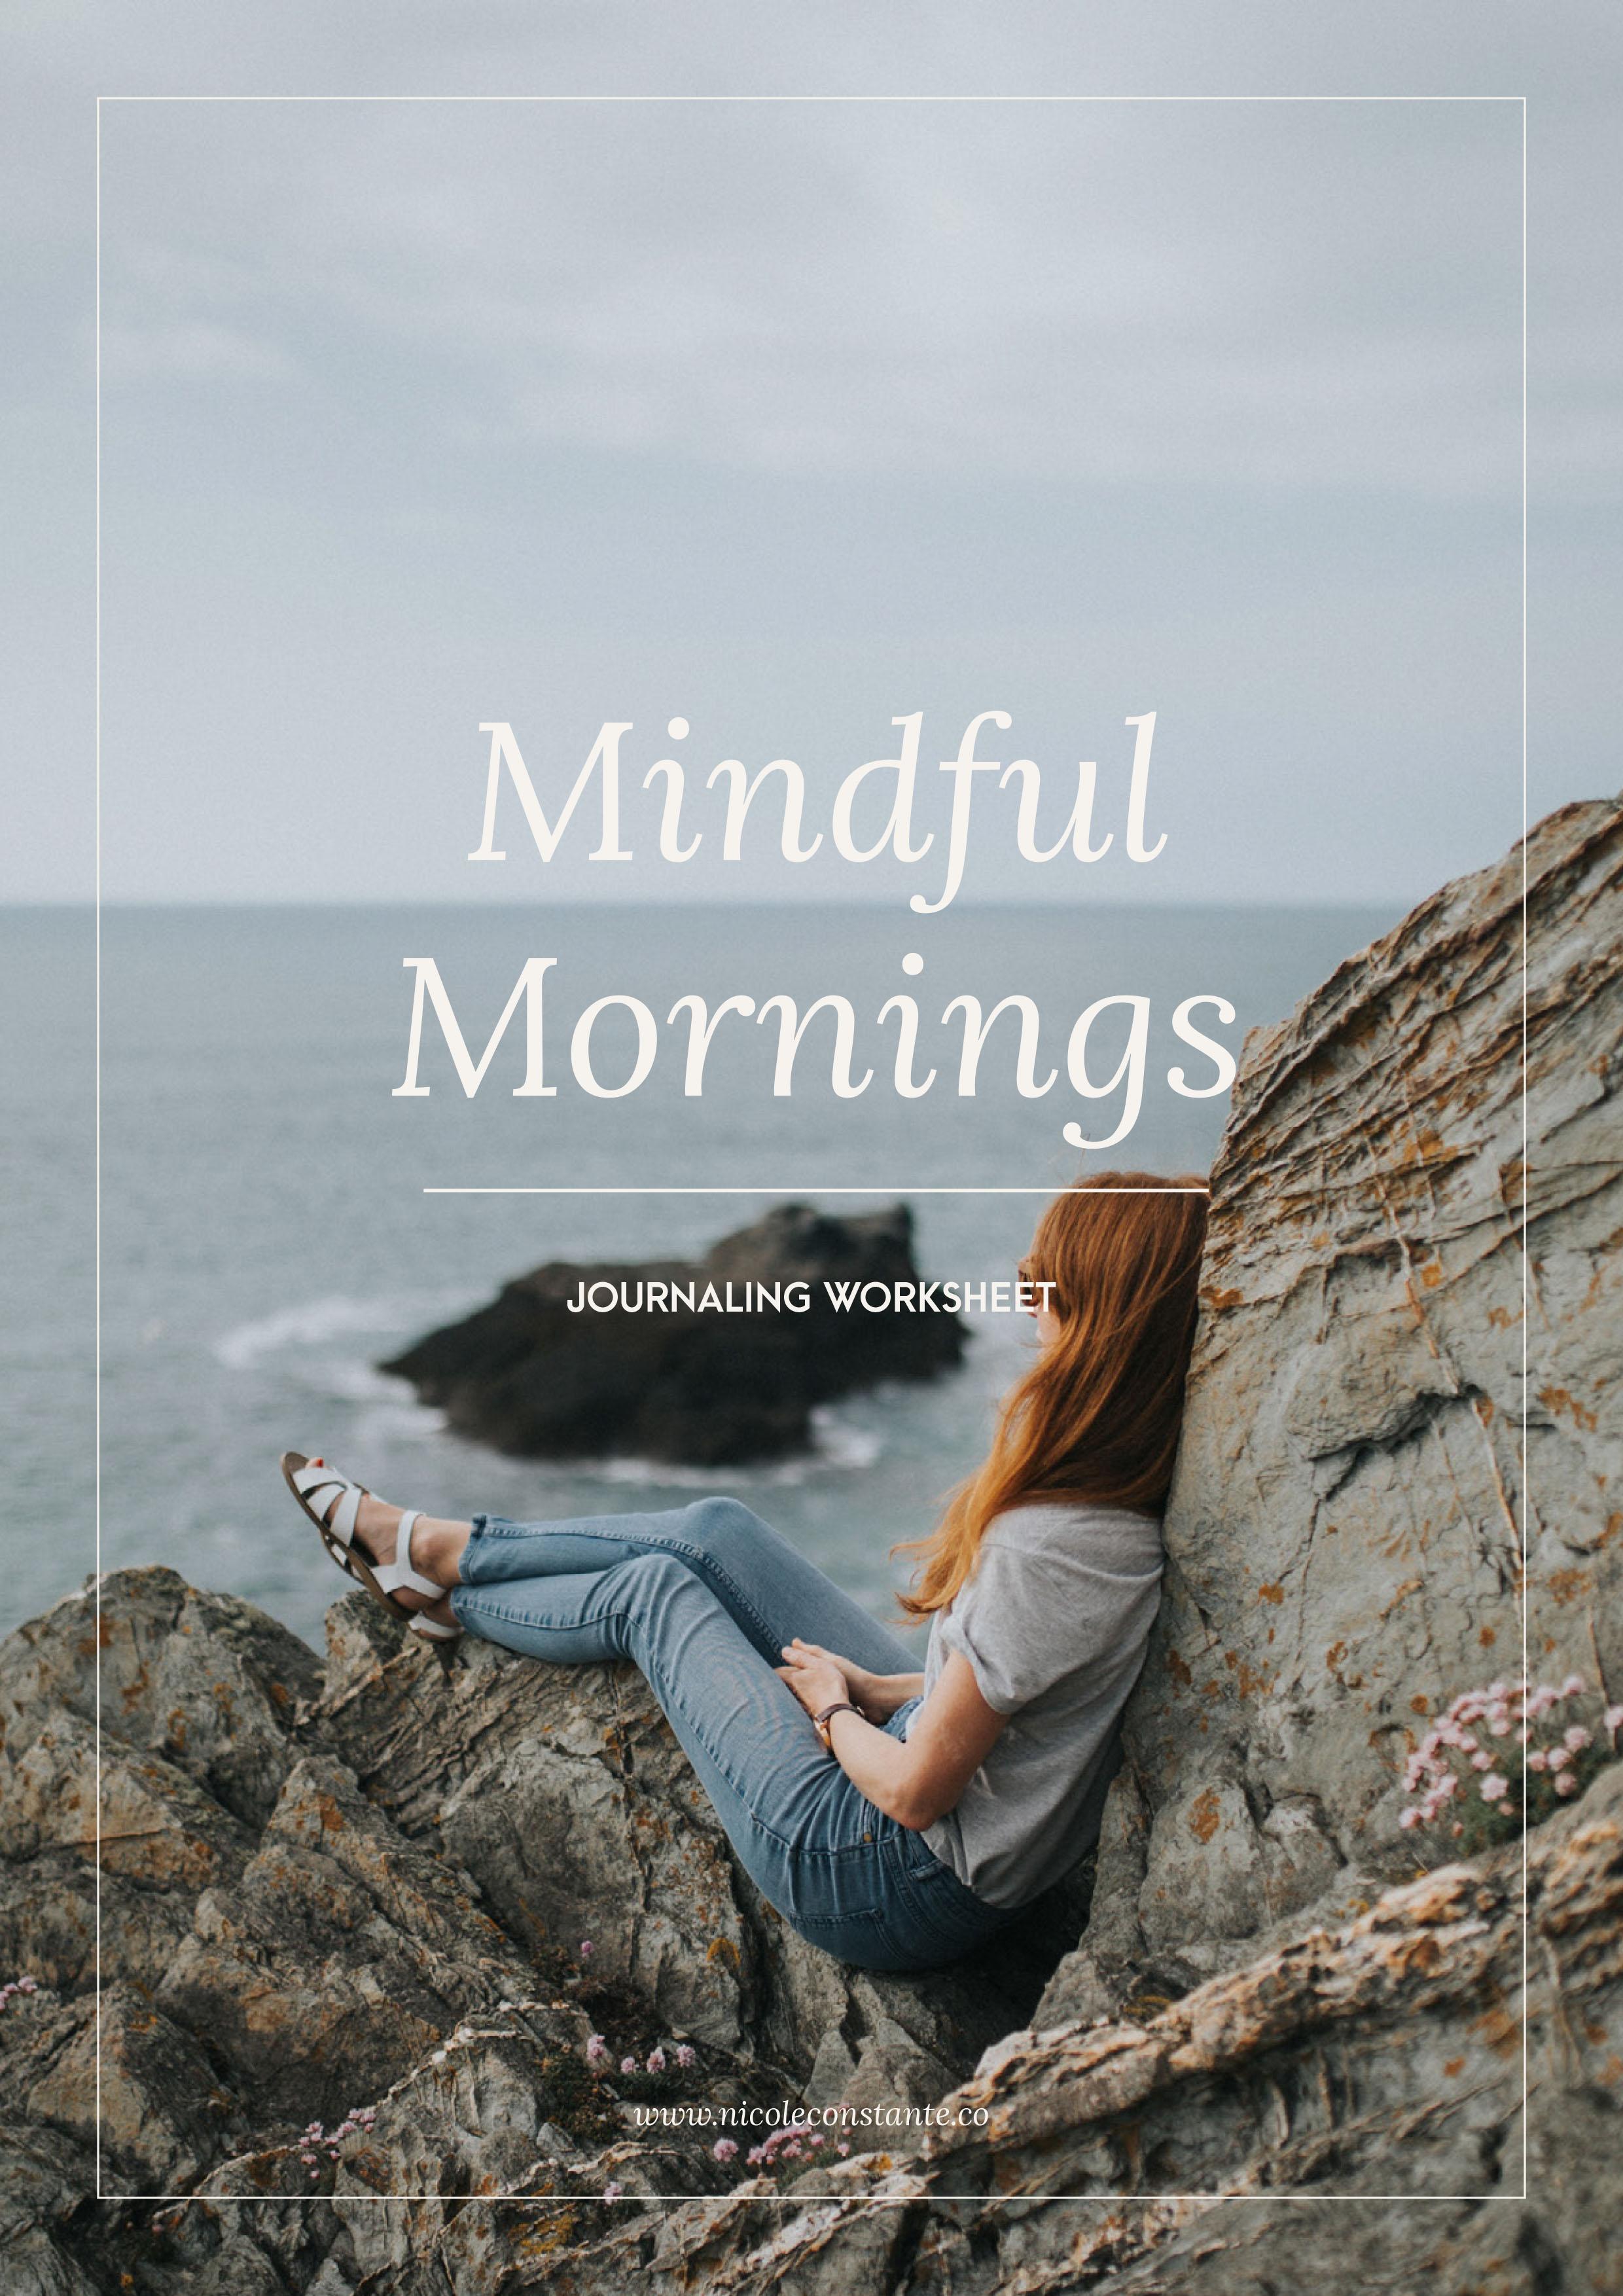 mindfulmornings